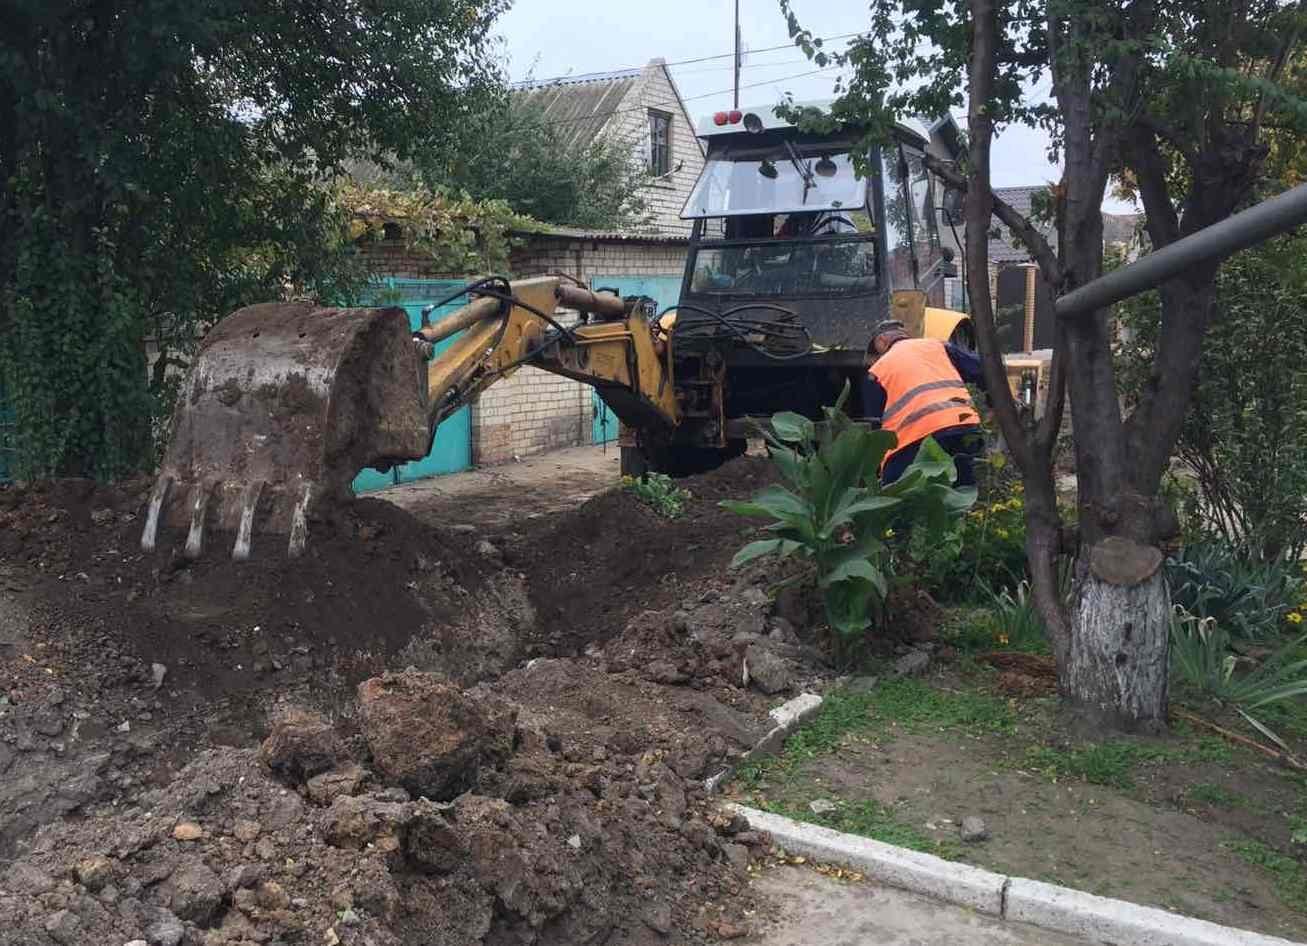 Херсонский водоканал заменил 5 километров водопровоных труб по заявкам жителей